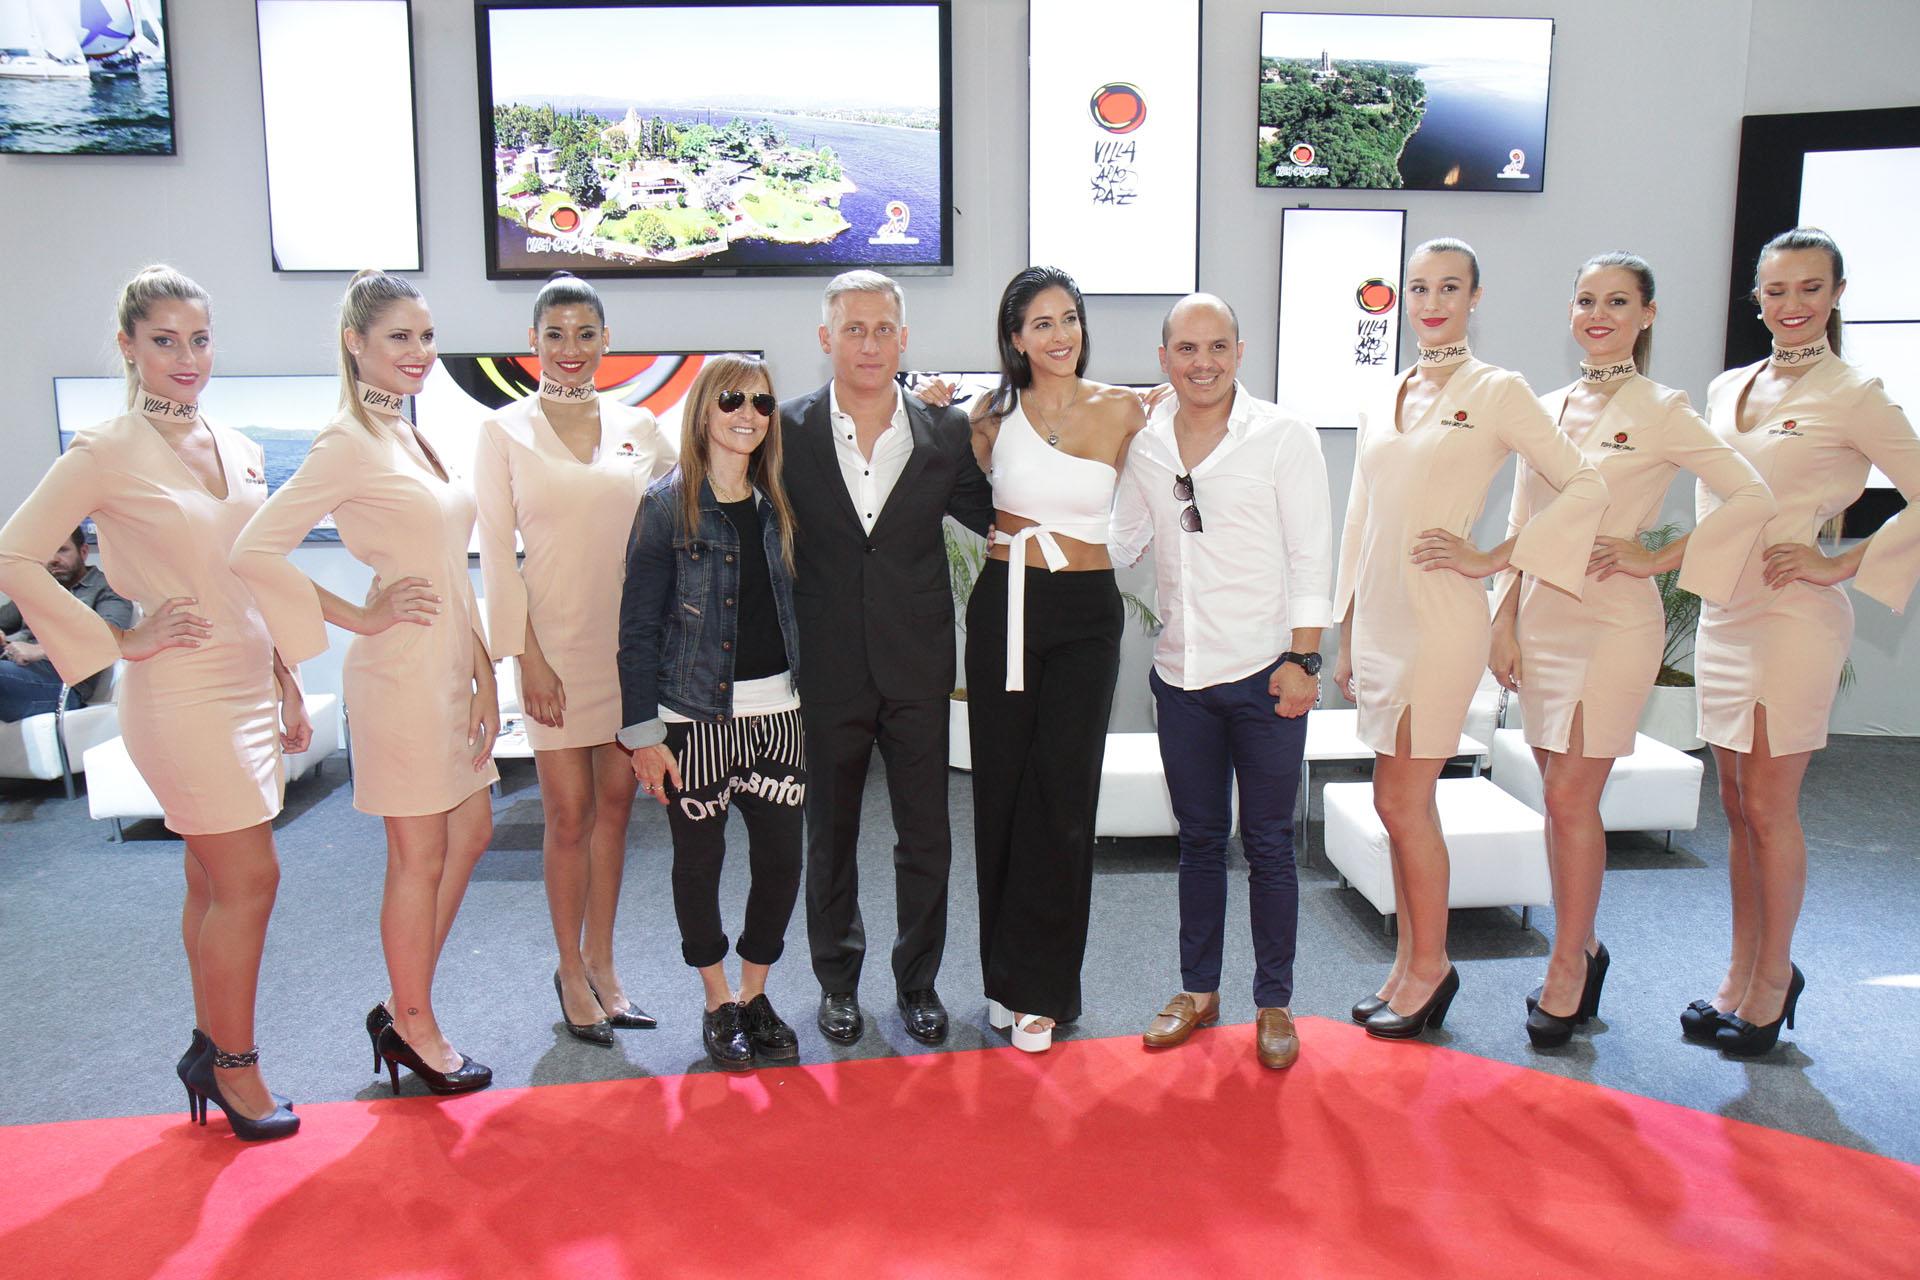 Se inauguró la edición 2017 de la Feria Internacional de Turismo en La Rural (Mario Sar)